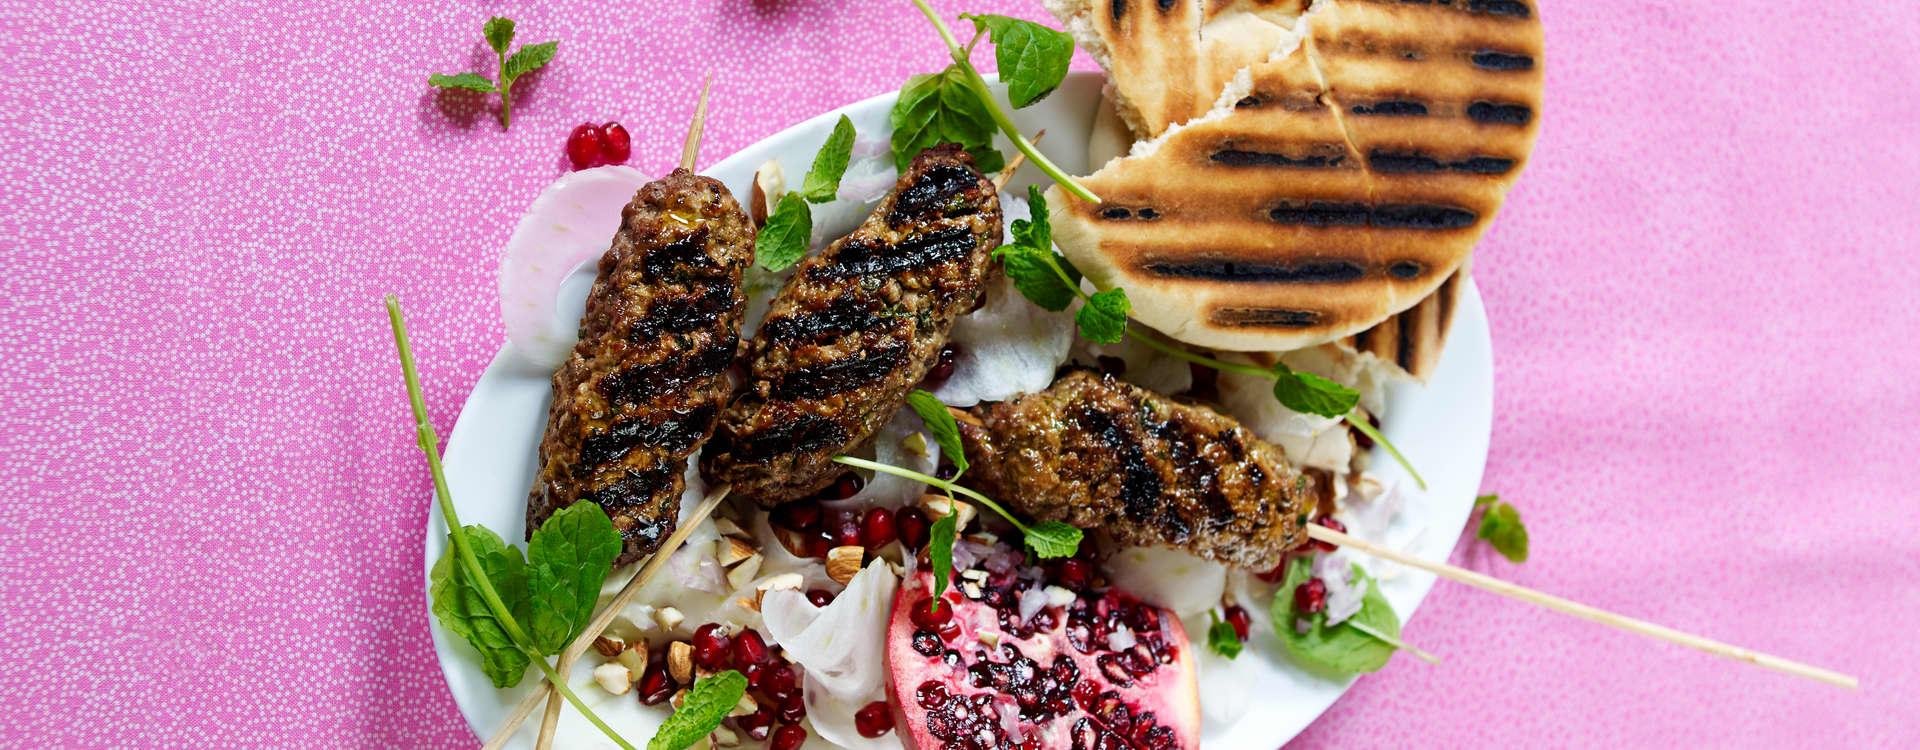 Storfekebab med grillet pitabrød og granateplesalat